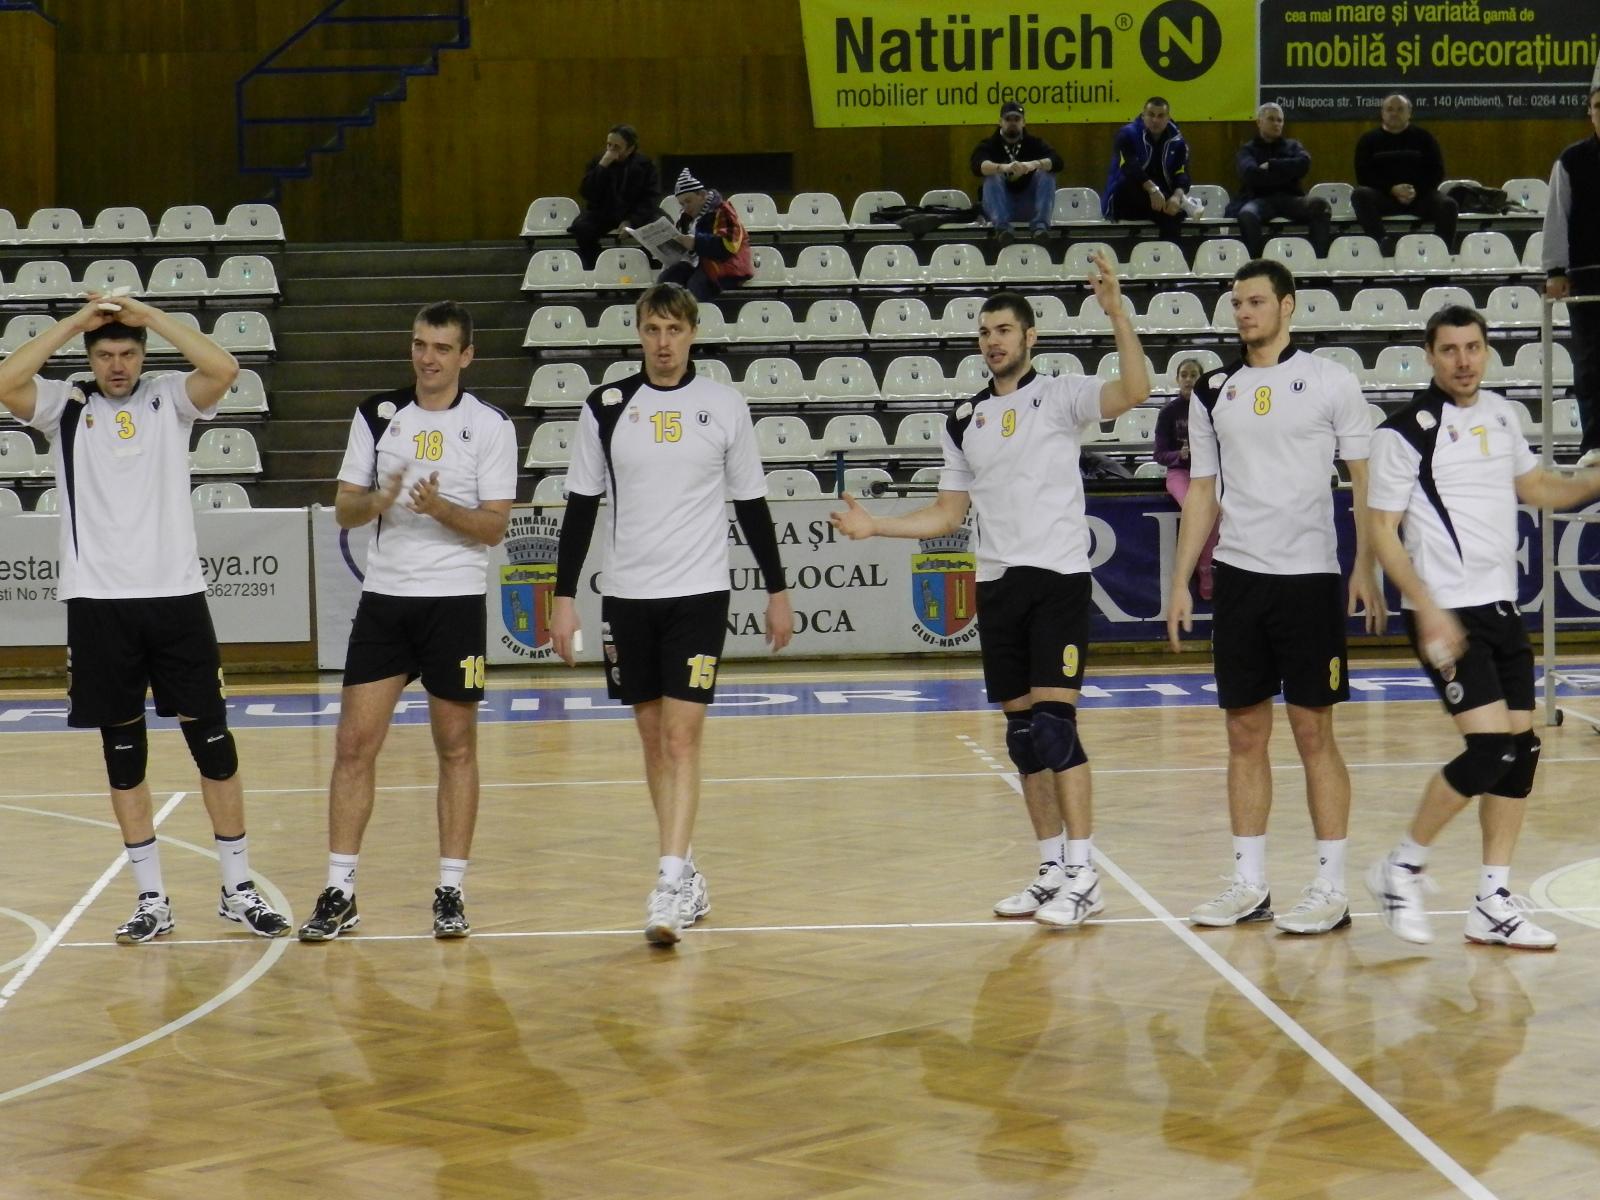 U Cluj volei masculin